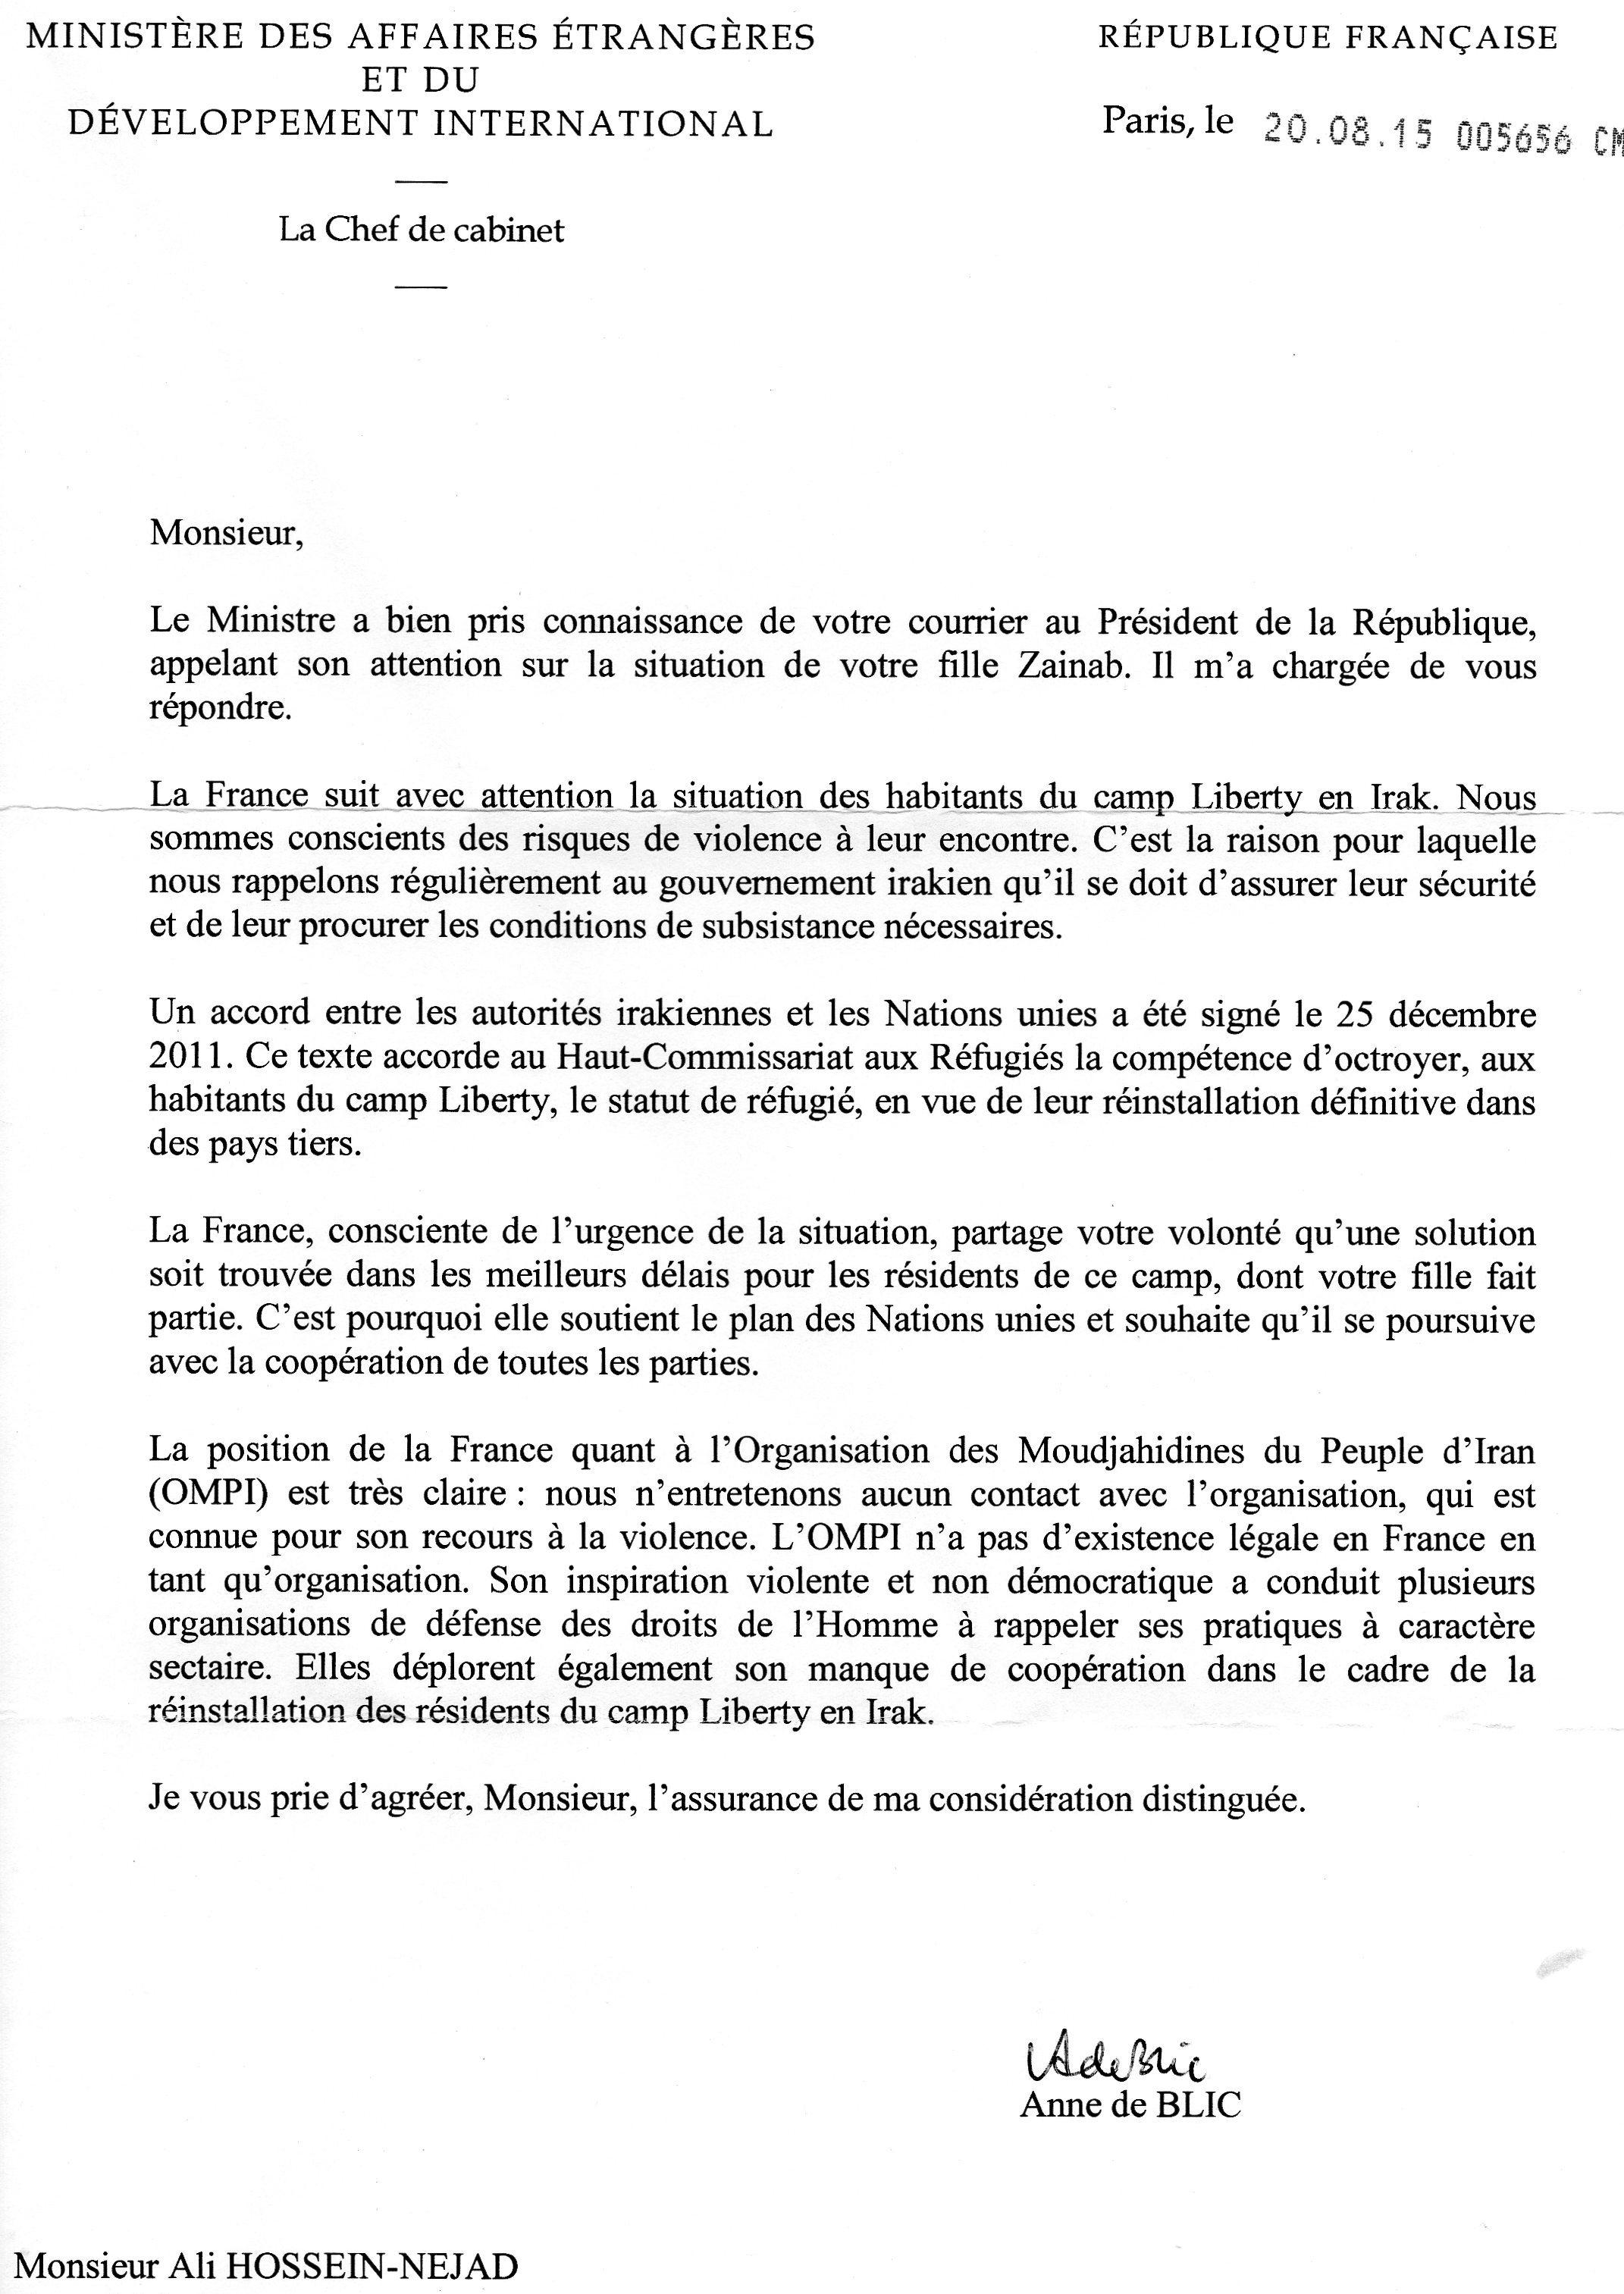 نظر وزارت خارجه فرانسه نسبت به فرقه